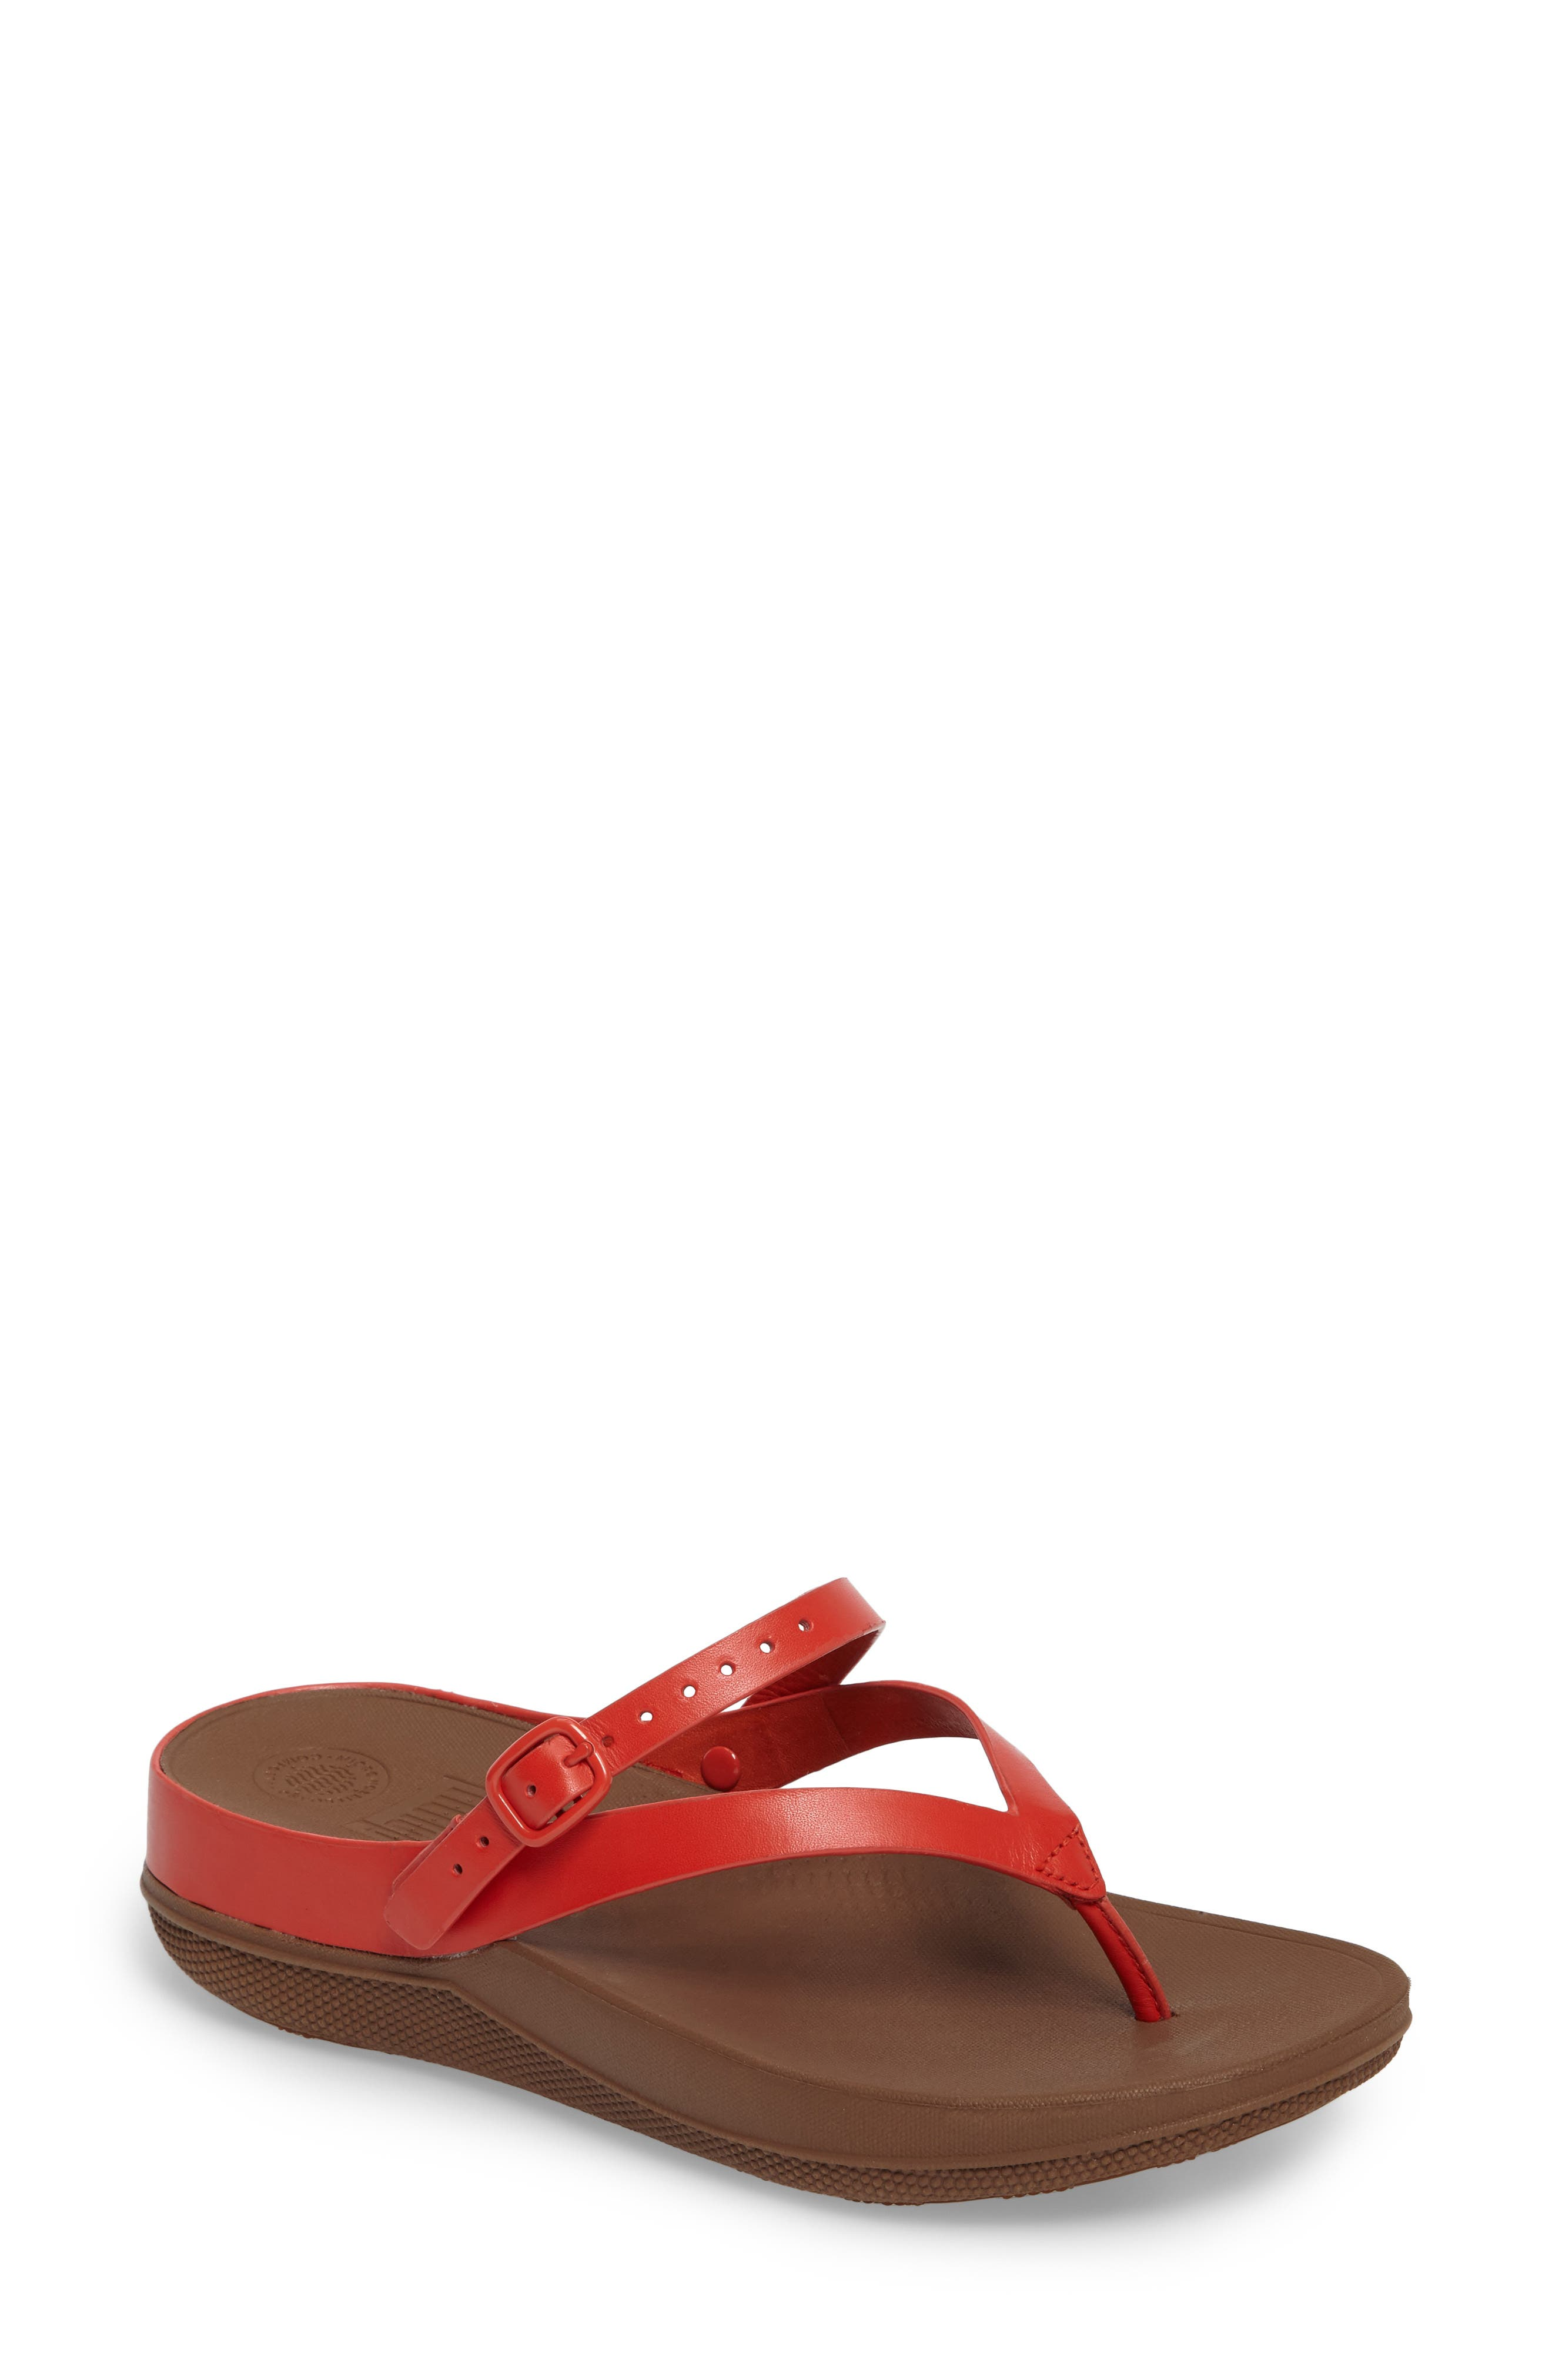 FitFlop Flip Sandal (Women)